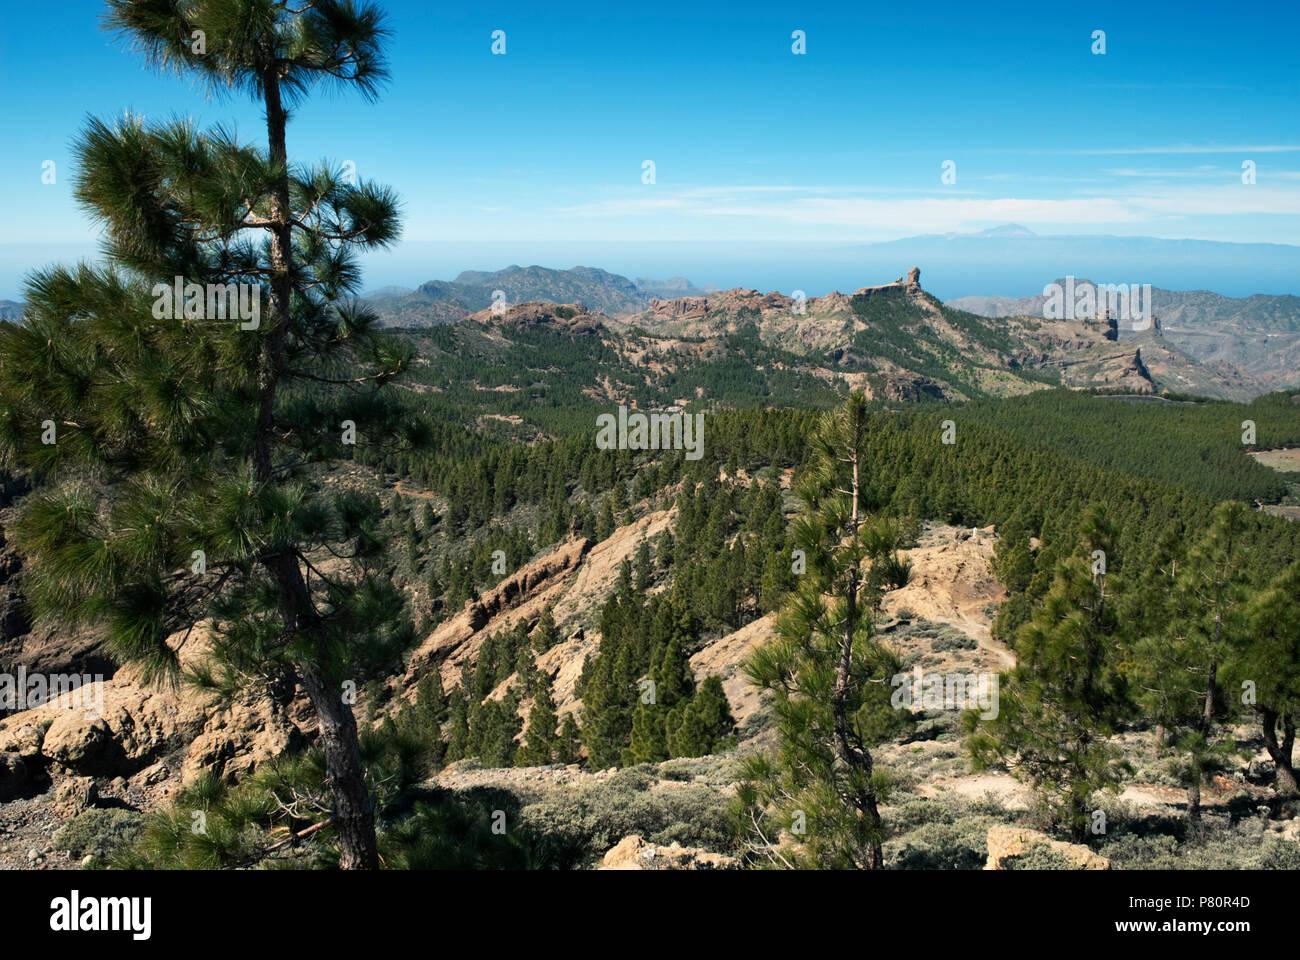 View towards Roque Nublo from Pozo de las Nieves - Stock Image